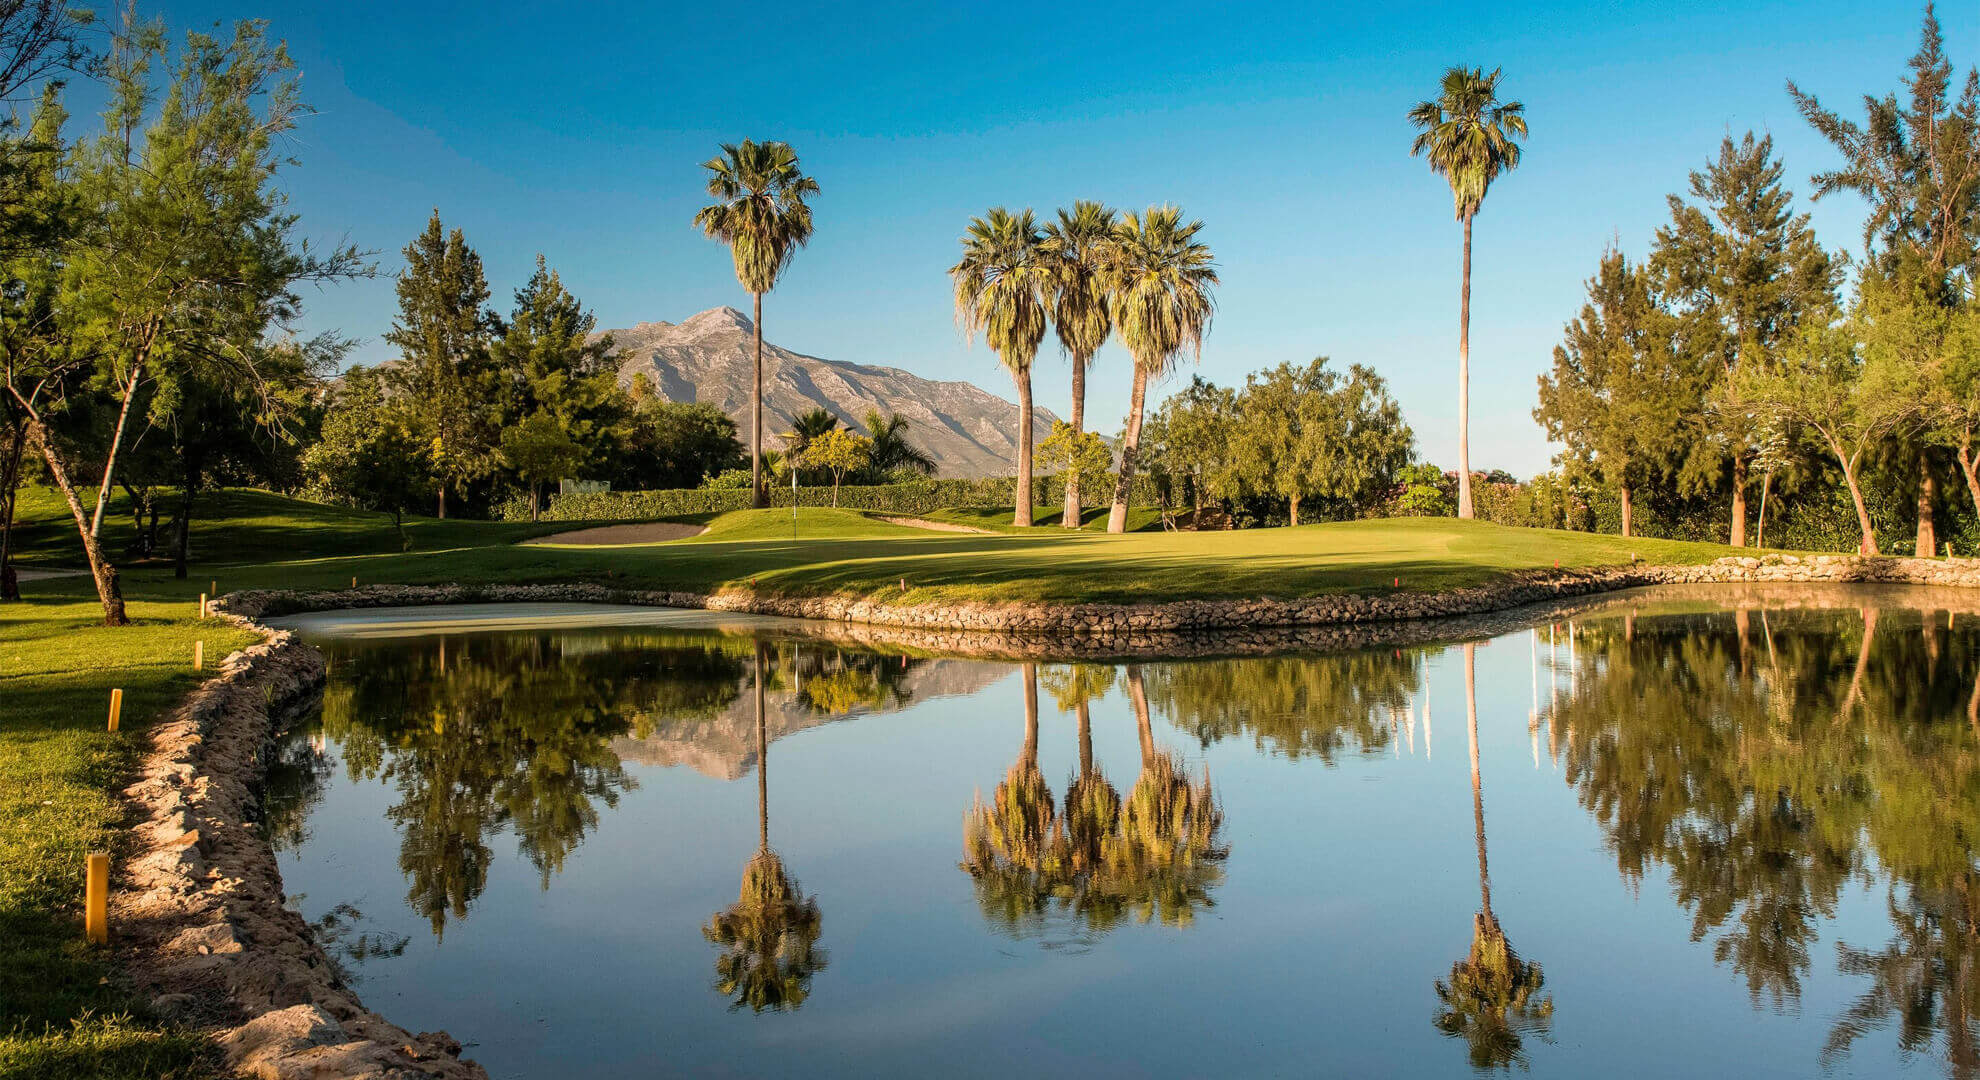 La Quinta Golf Course, Spain